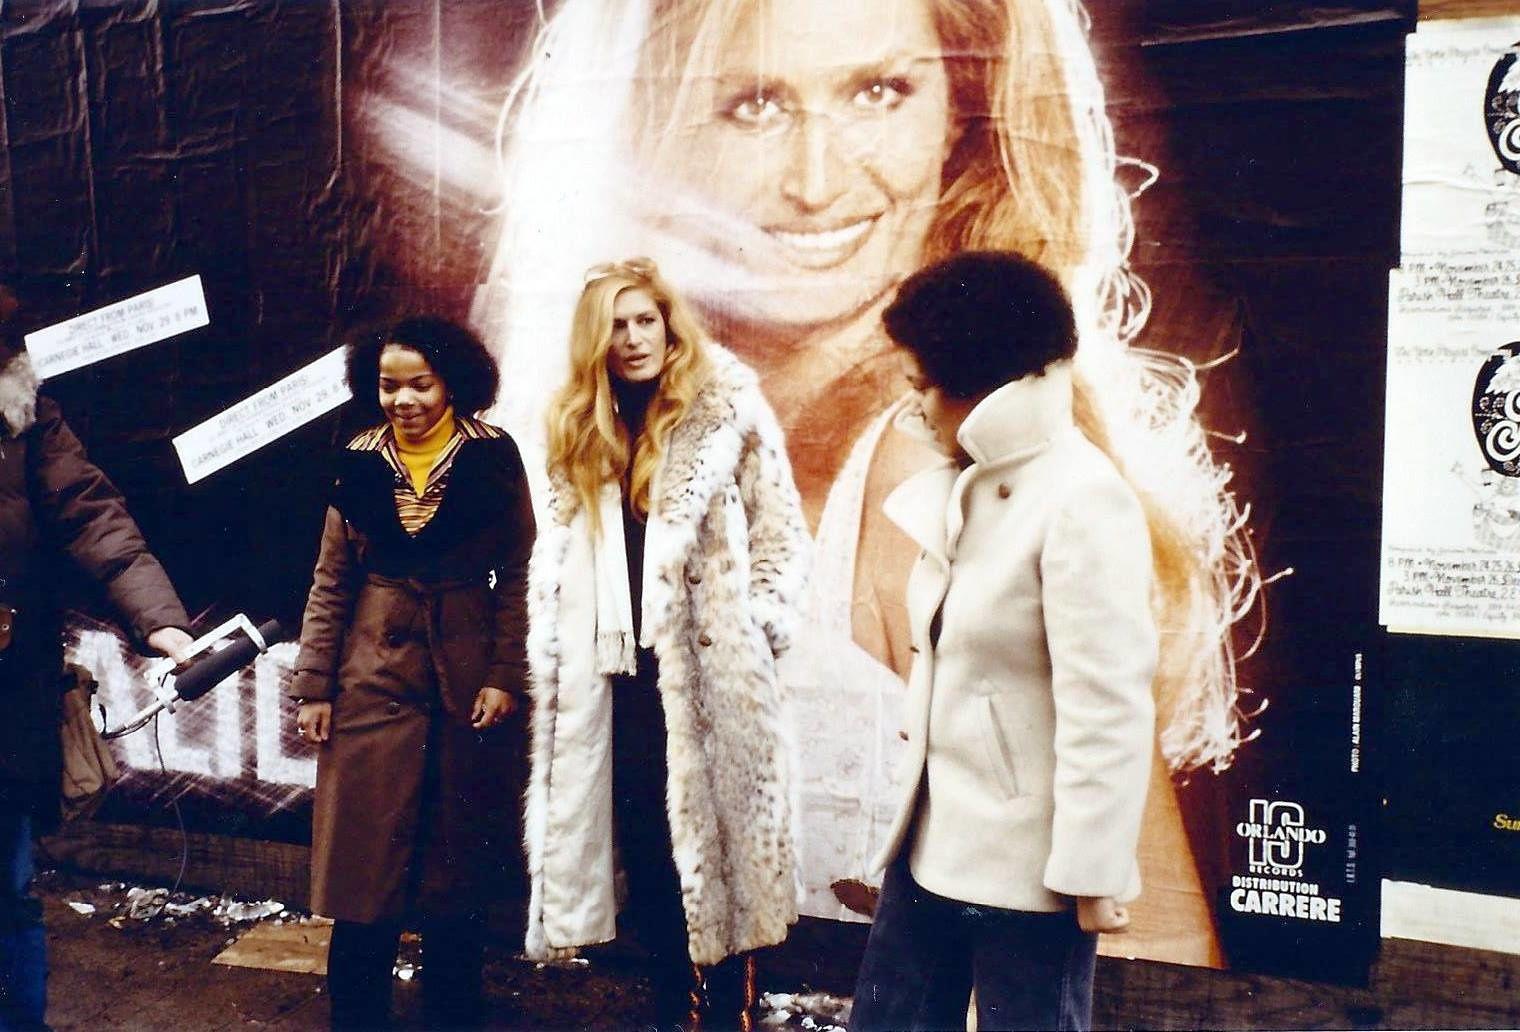 La photo ayant annoncé le dernier spectacle de Dalida donné à l'Olympia illustre également sa venue à New York. Dalida la retrouve affichée un peu partout dans la ville.